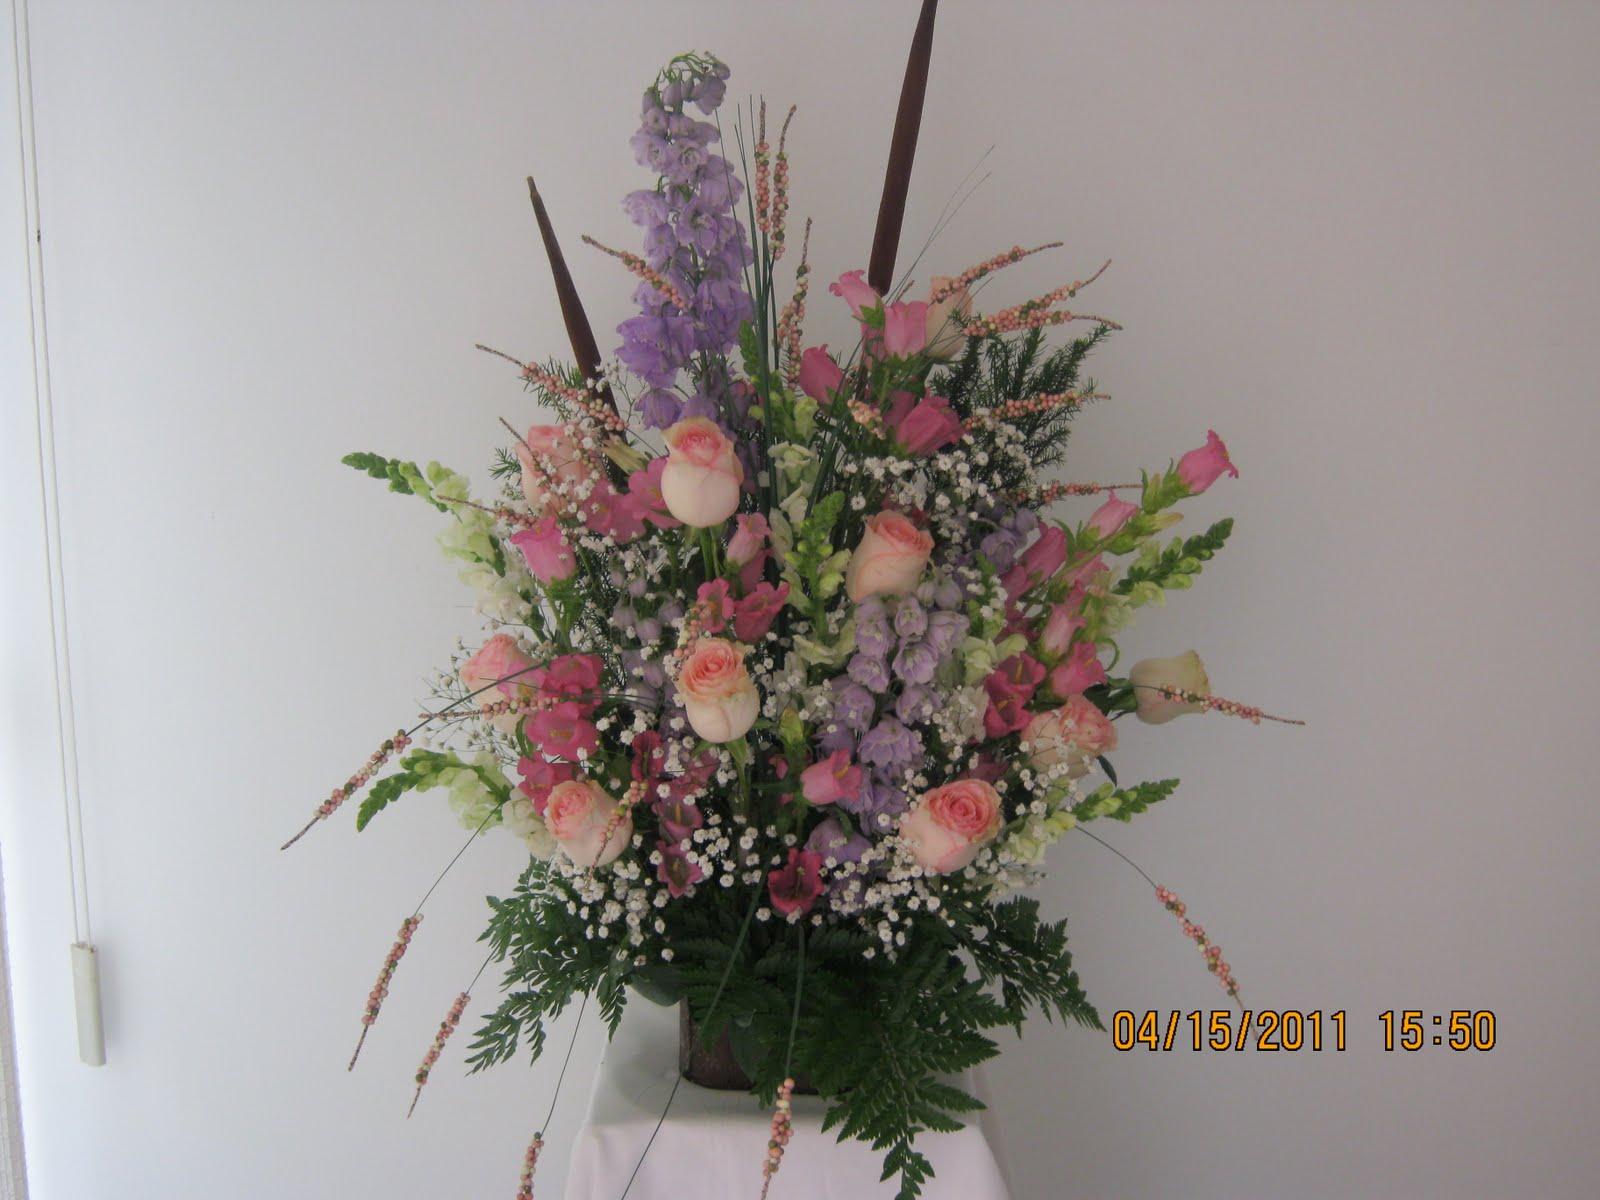 Arreglos florales para 15 aos centros de mesa artificiales - Arreglos florales artificiales centros de mesa ...